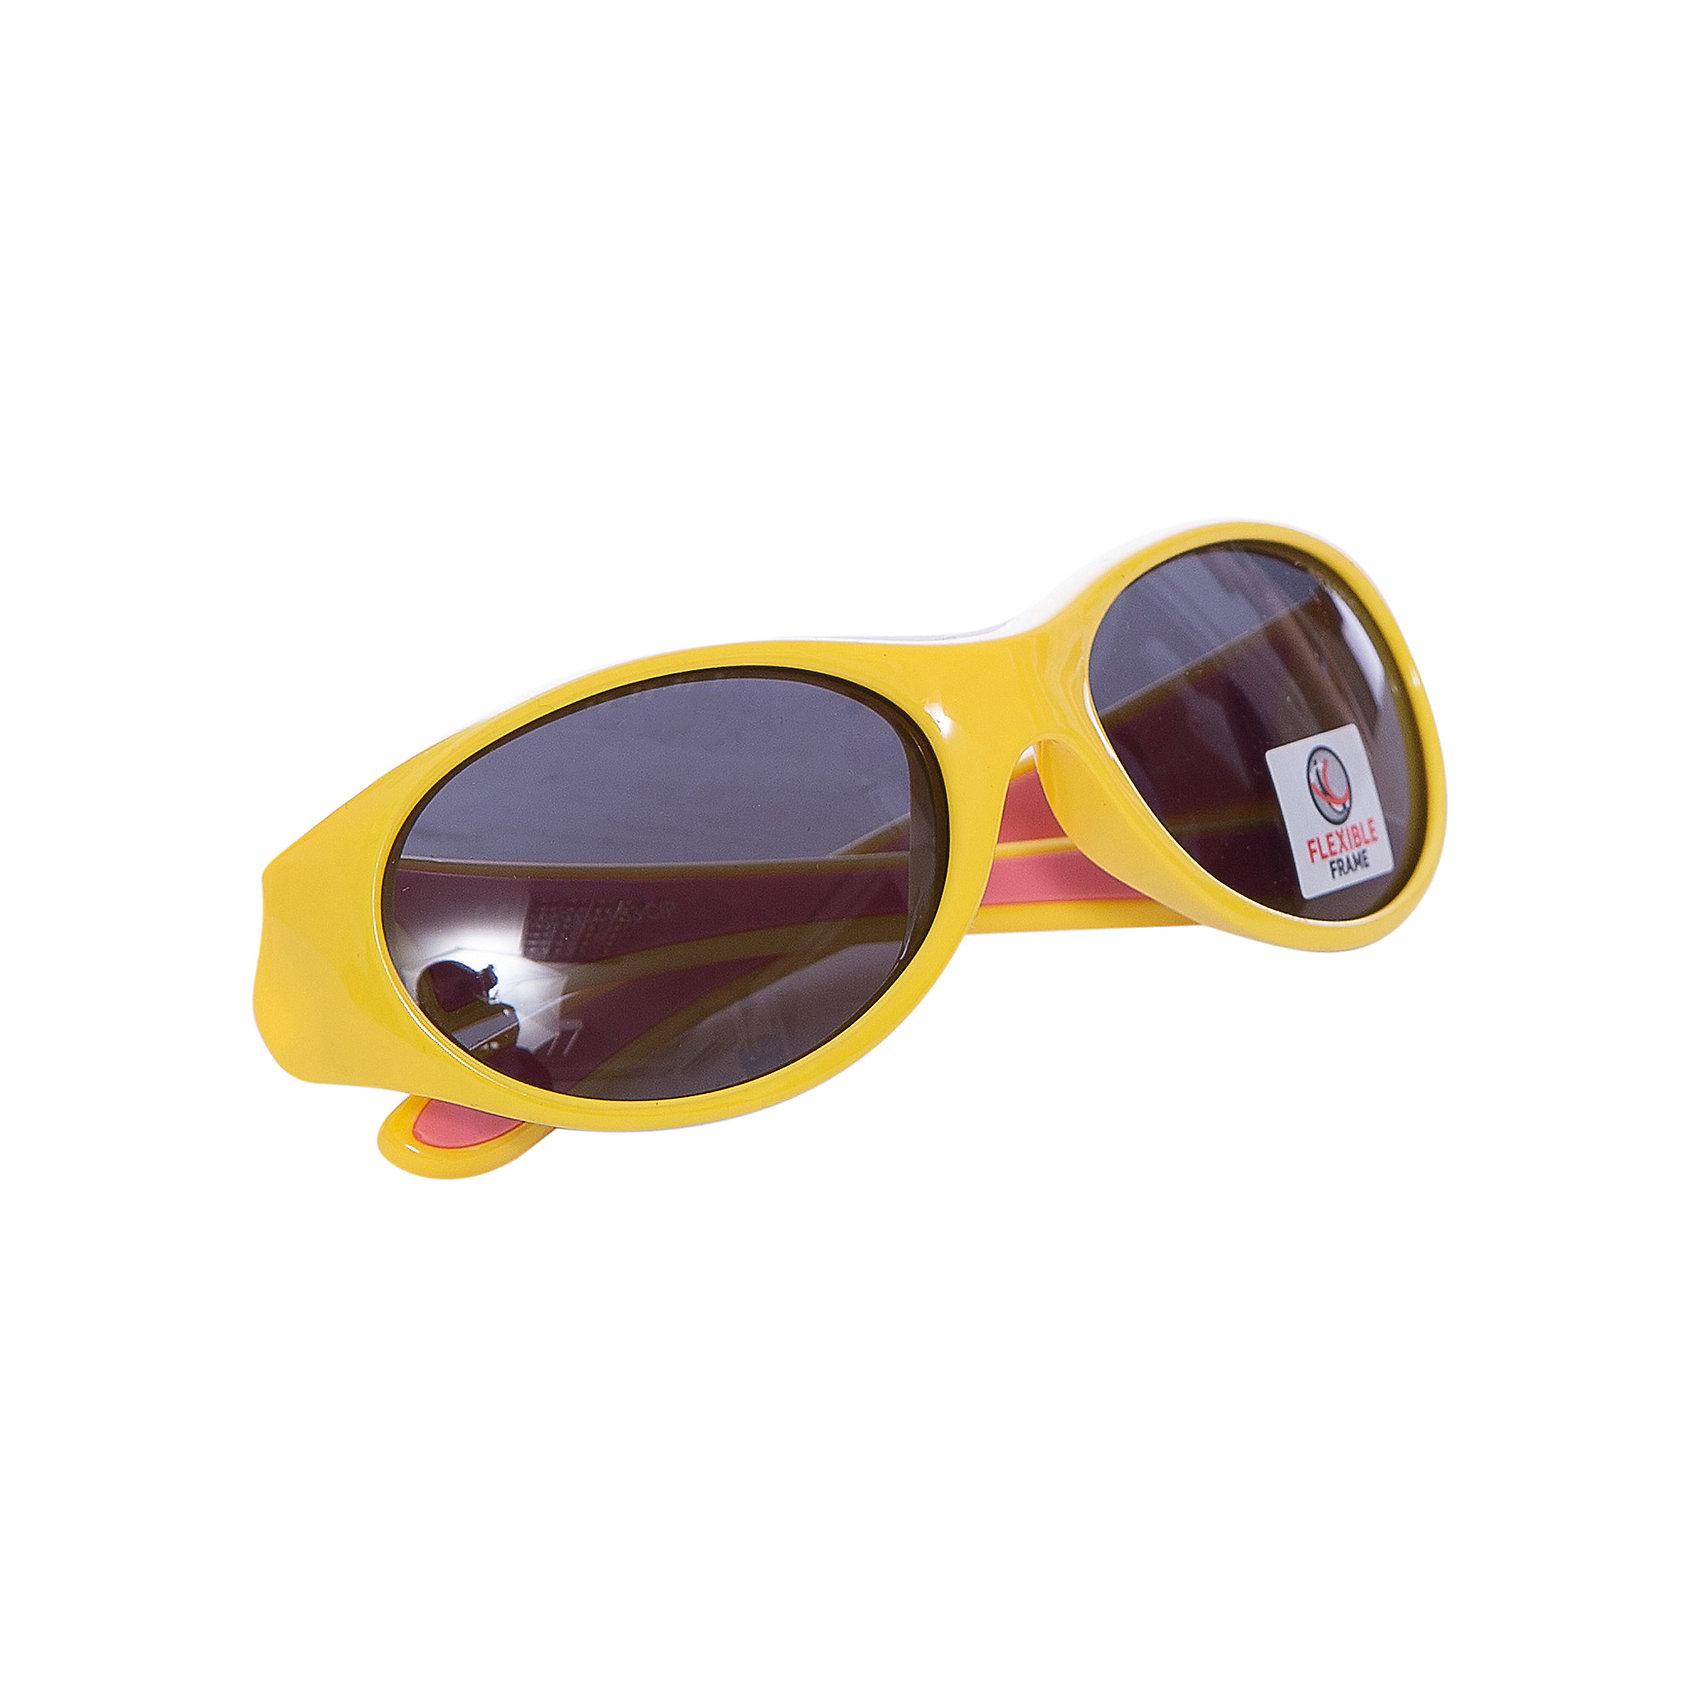 Очки солнцезащитные FLEXXY GIRL, желто-розовые, ALPINAСолнцезащитные очки<br><br><br>Ширина мм: 123<br>Глубина мм: 70<br>Высота мм: 45<br>Вес г: 37<br>Цвет: желтый<br>Возраст от месяцев: 36<br>Возраст до месяцев: 84<br>Пол: Женский<br>Возраст: Детский<br>SKU: 3826844